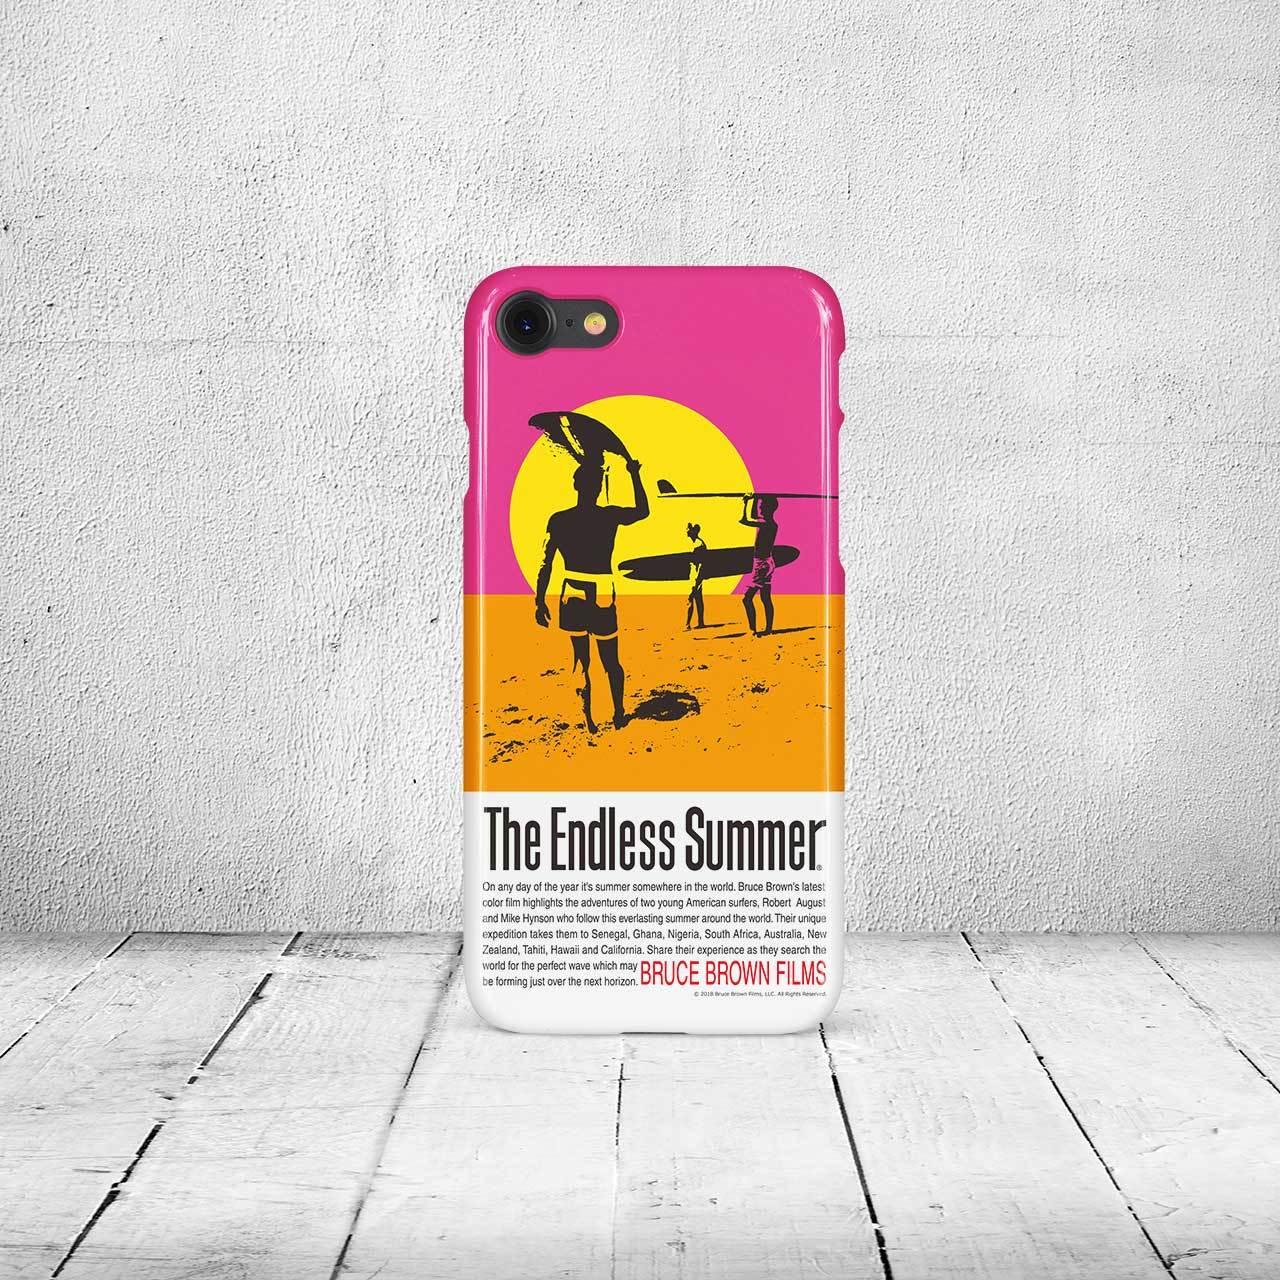 iPhone7 & 8ケース・The Endless Summer (エンドレスサマー)・オリジナル